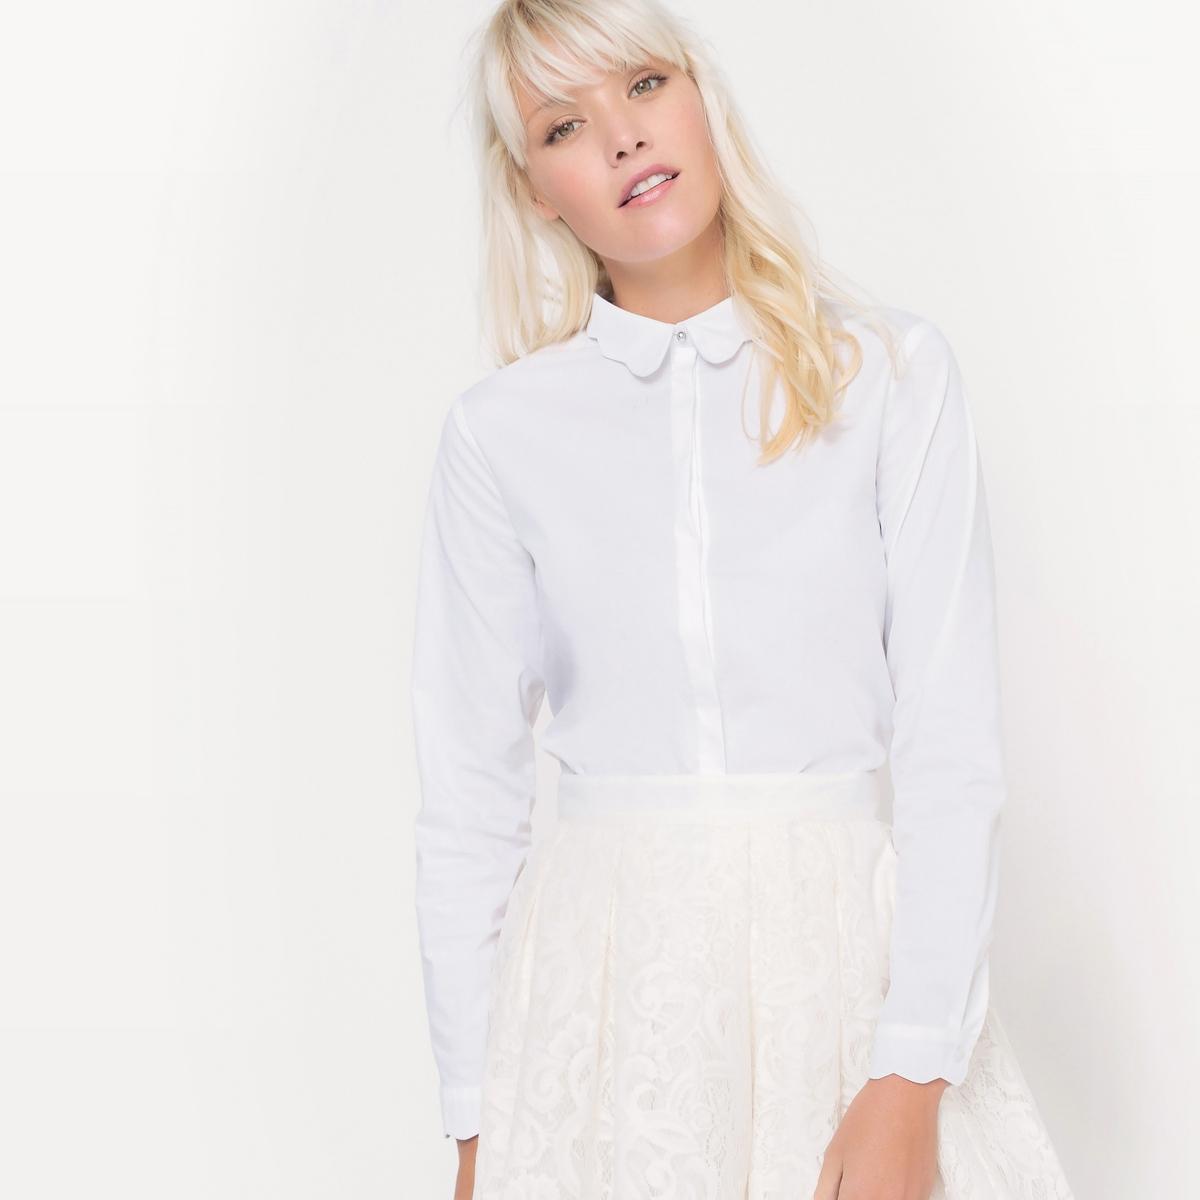 Рубашка с красивым воротником, из хлопка